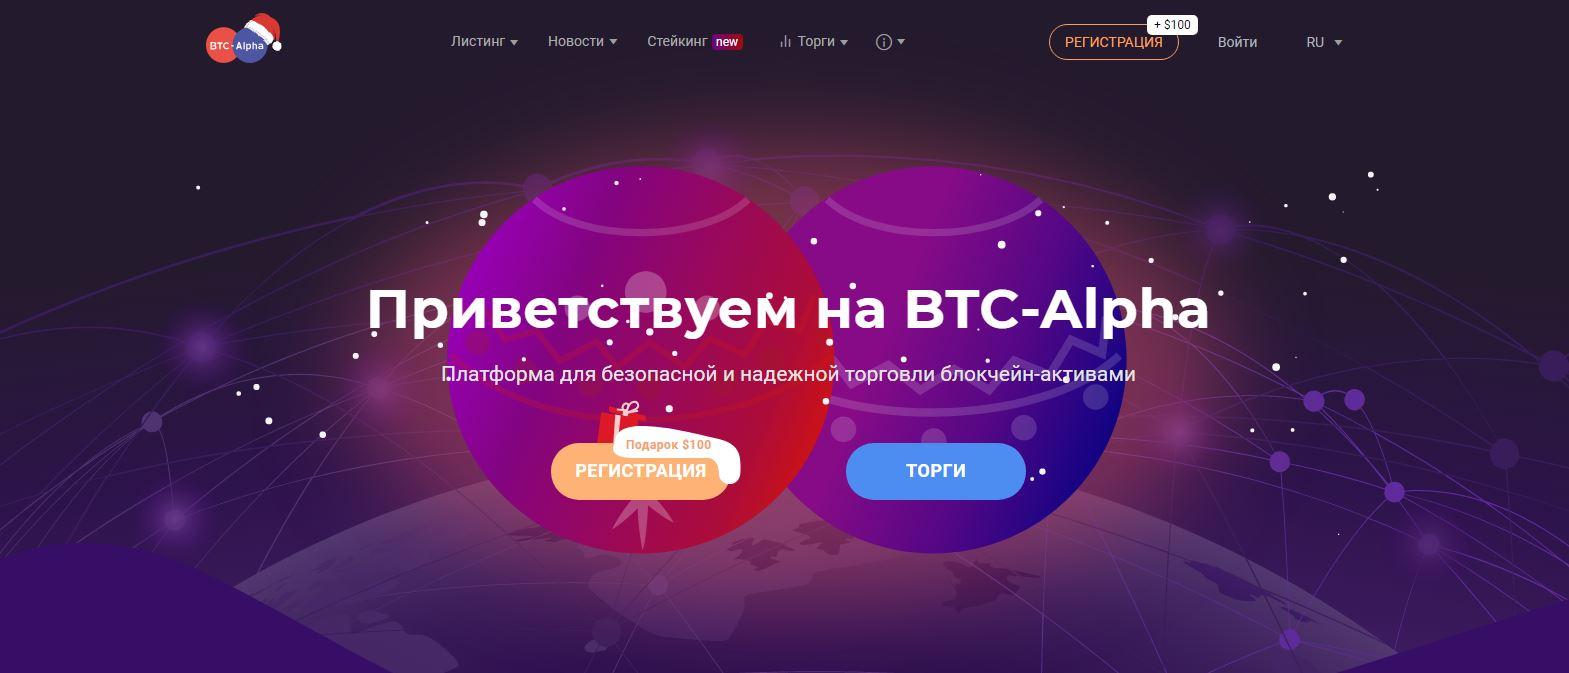 Рейтинг лучших бирж криптовалют 2021. Топ криптобирж на русском - BTC-alpha - фото